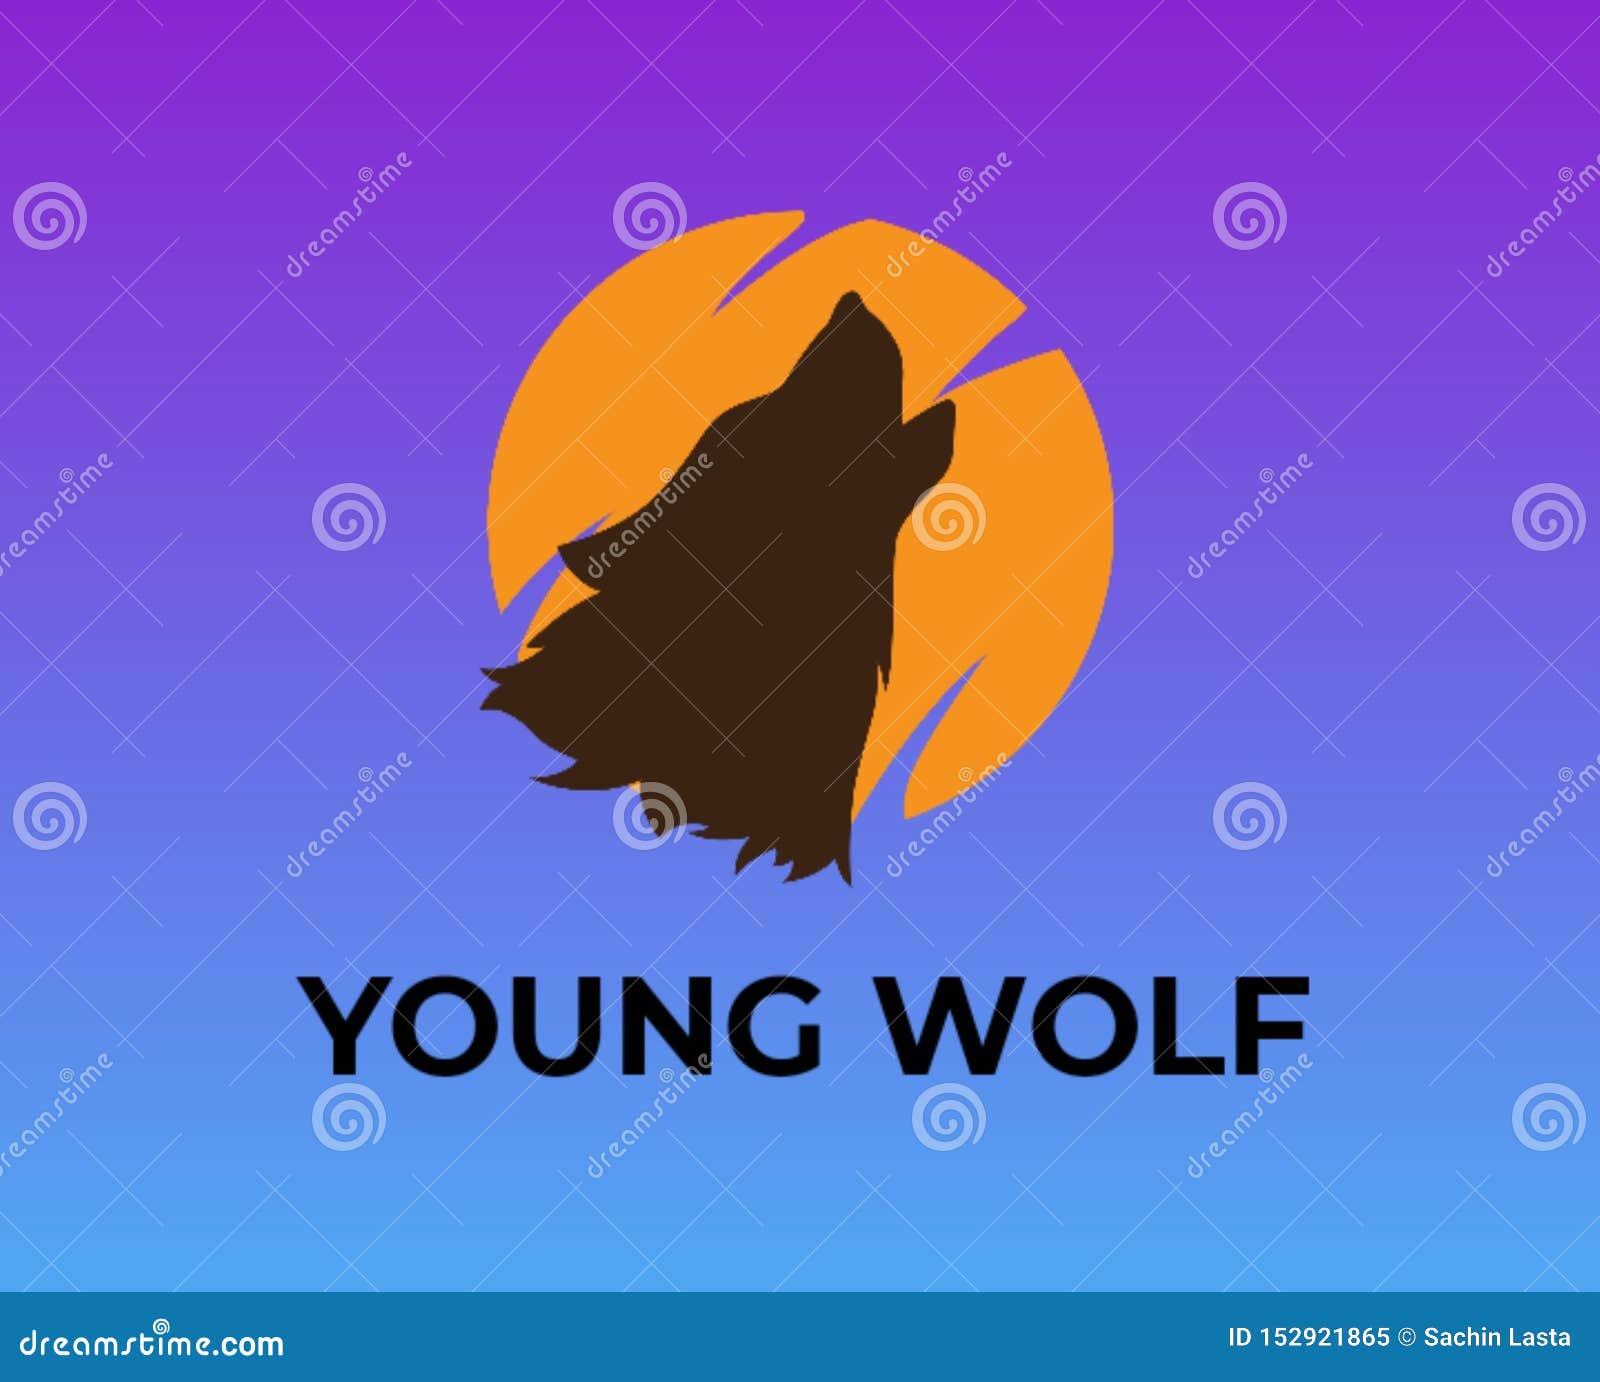 Logo för websites och ung varg för bloggar